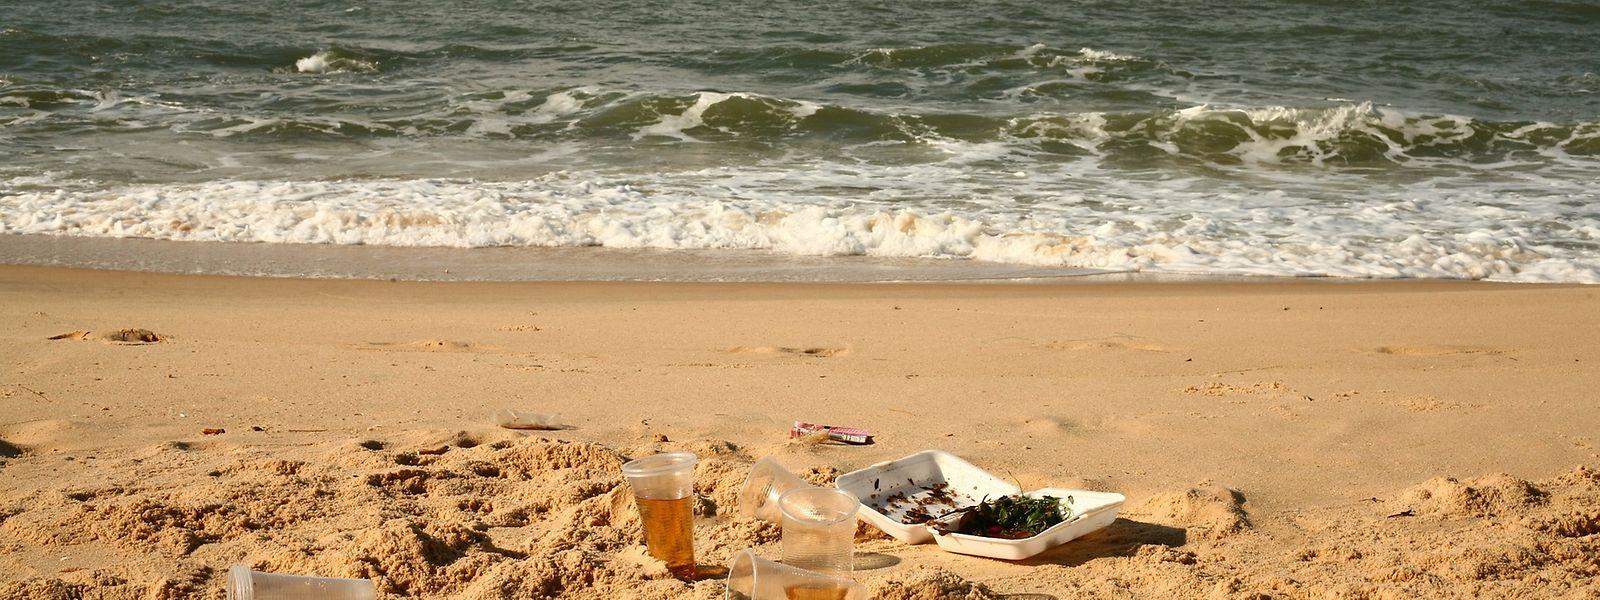 Chemikalien, Müll und Mikroplastik belasten die marinen Ökosysteme.